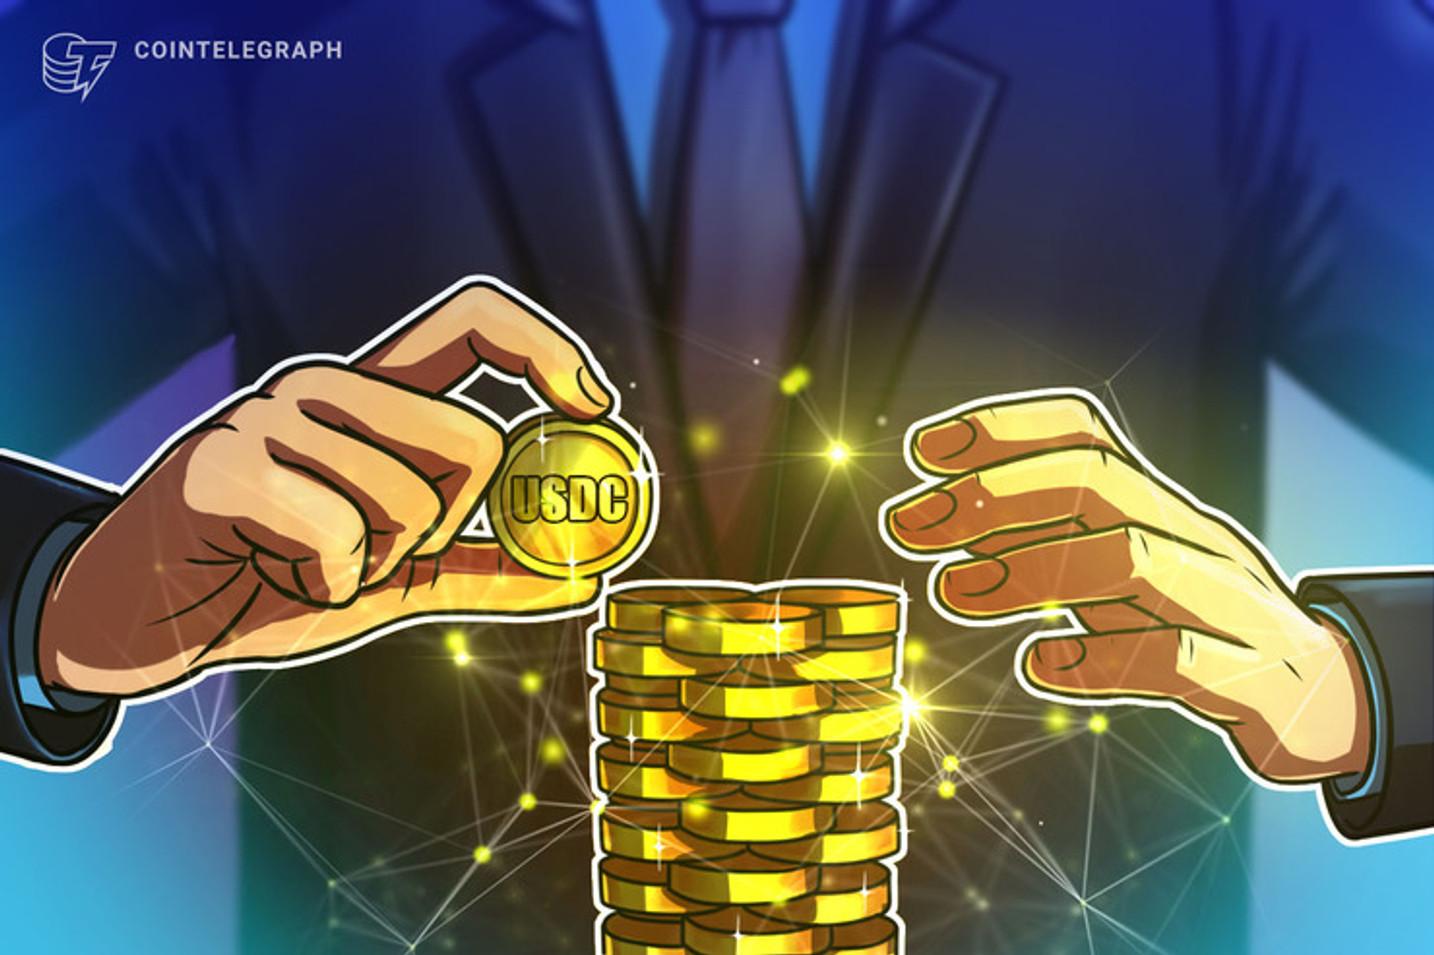 Cerca del 3% del suministro total de Ethereum están bloqueados en aplicaciones de finanzas descentralizadas (DeFi)